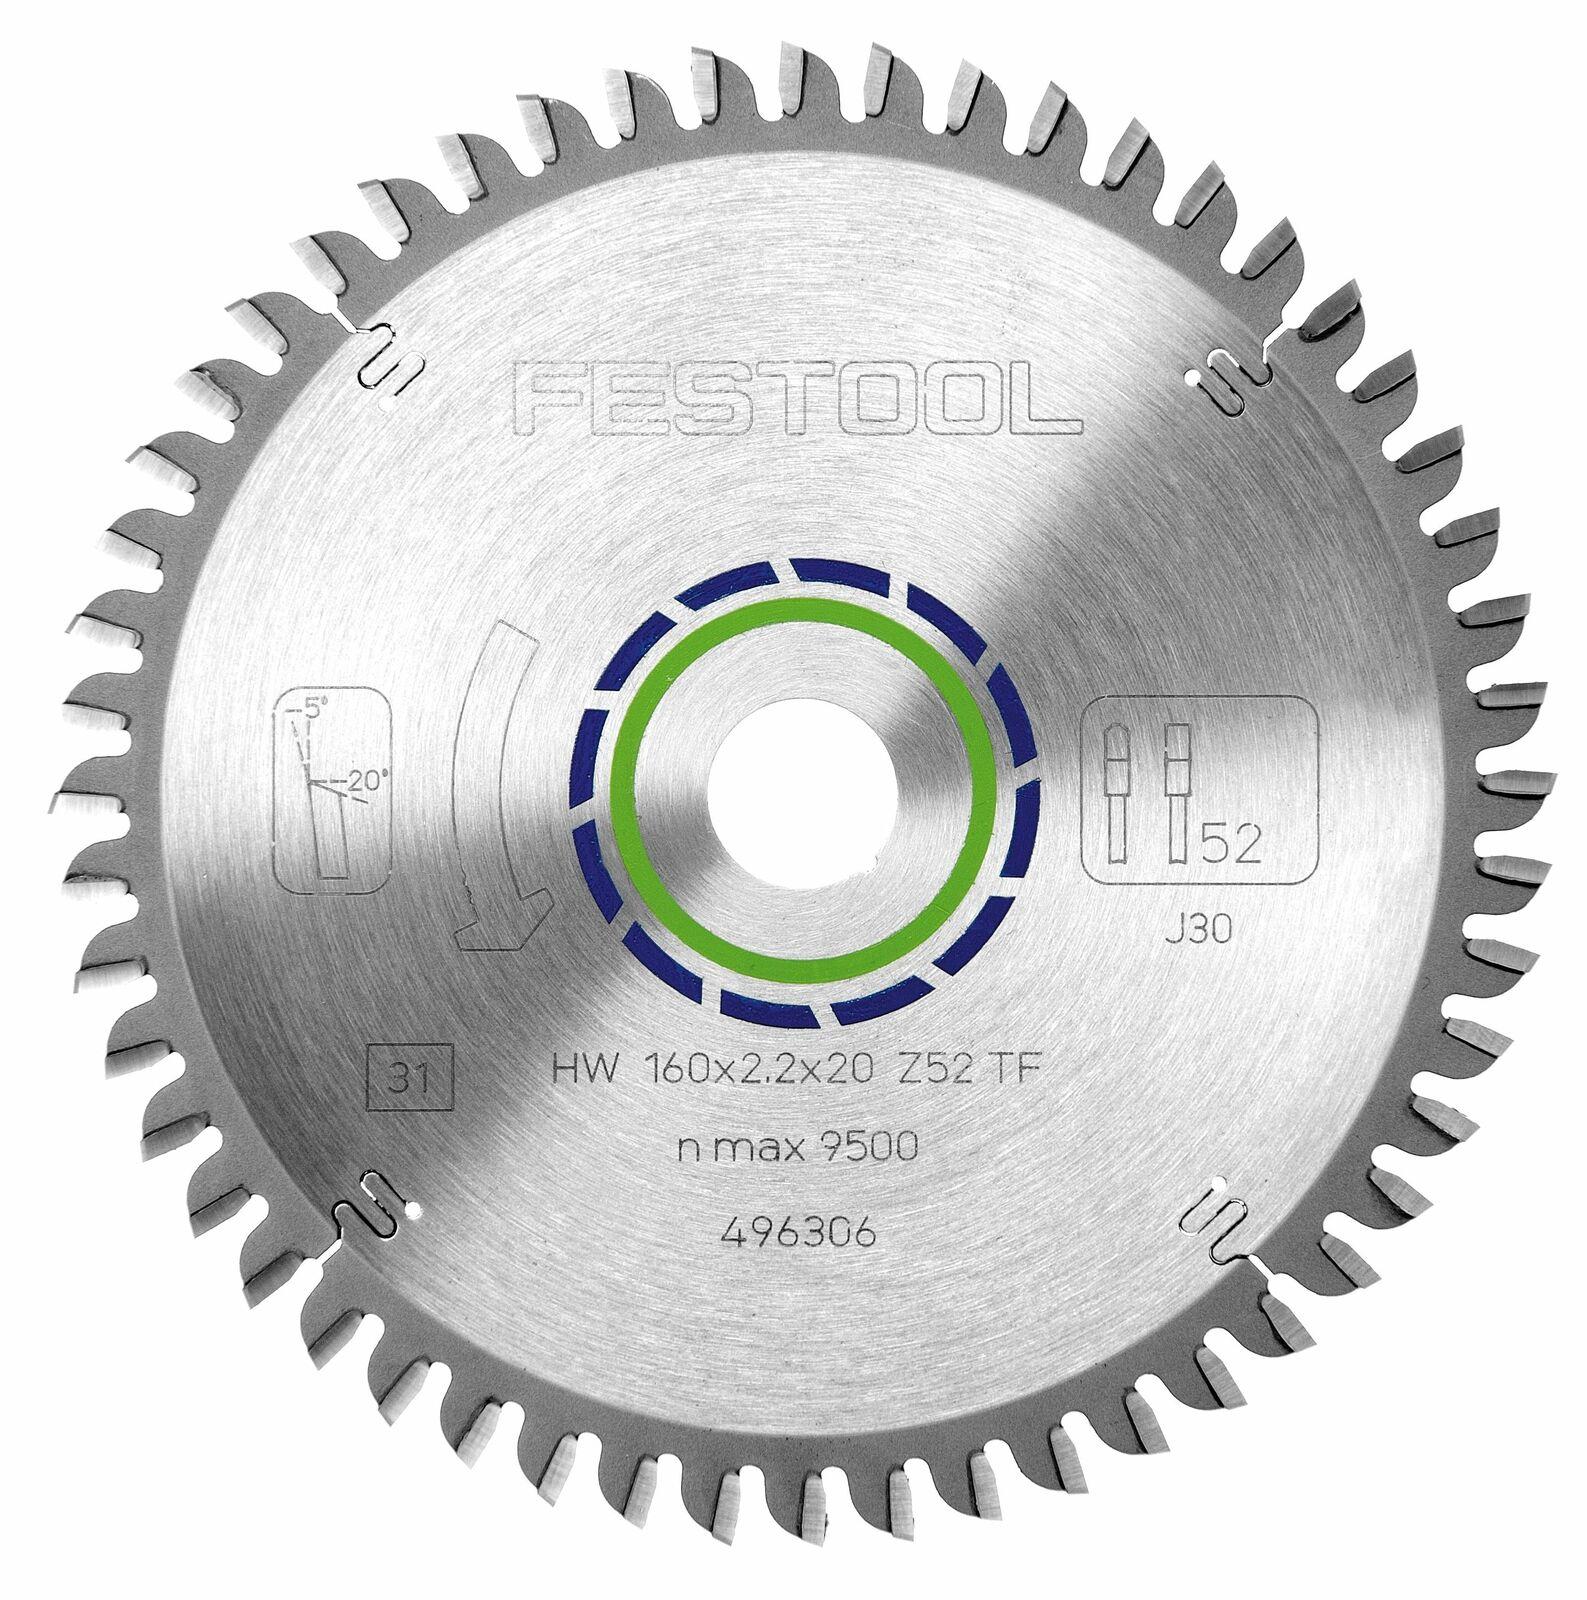 Festool Spezial-Sägeblatt 160x2,2x20 TF52   496306